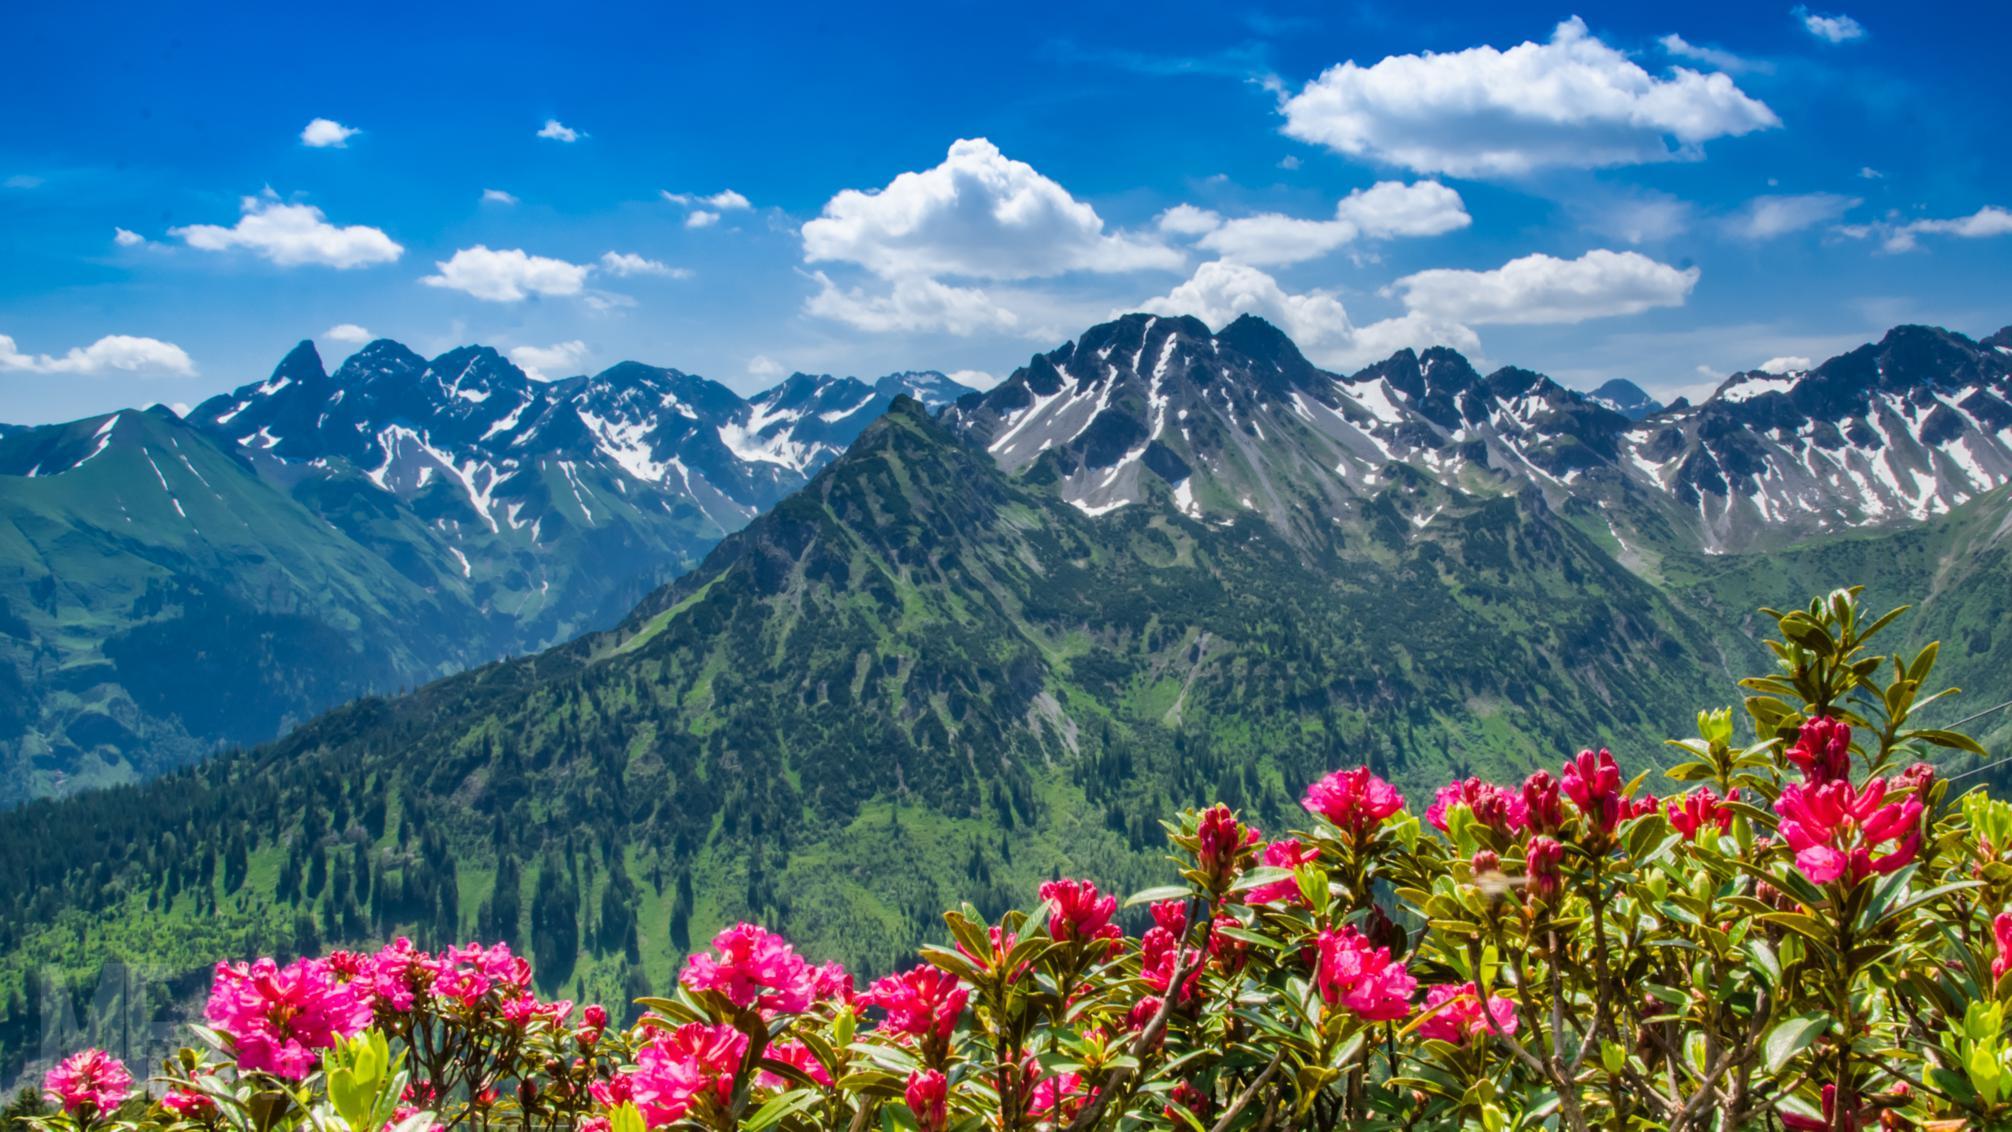 Bellas montañas - 2012x1132